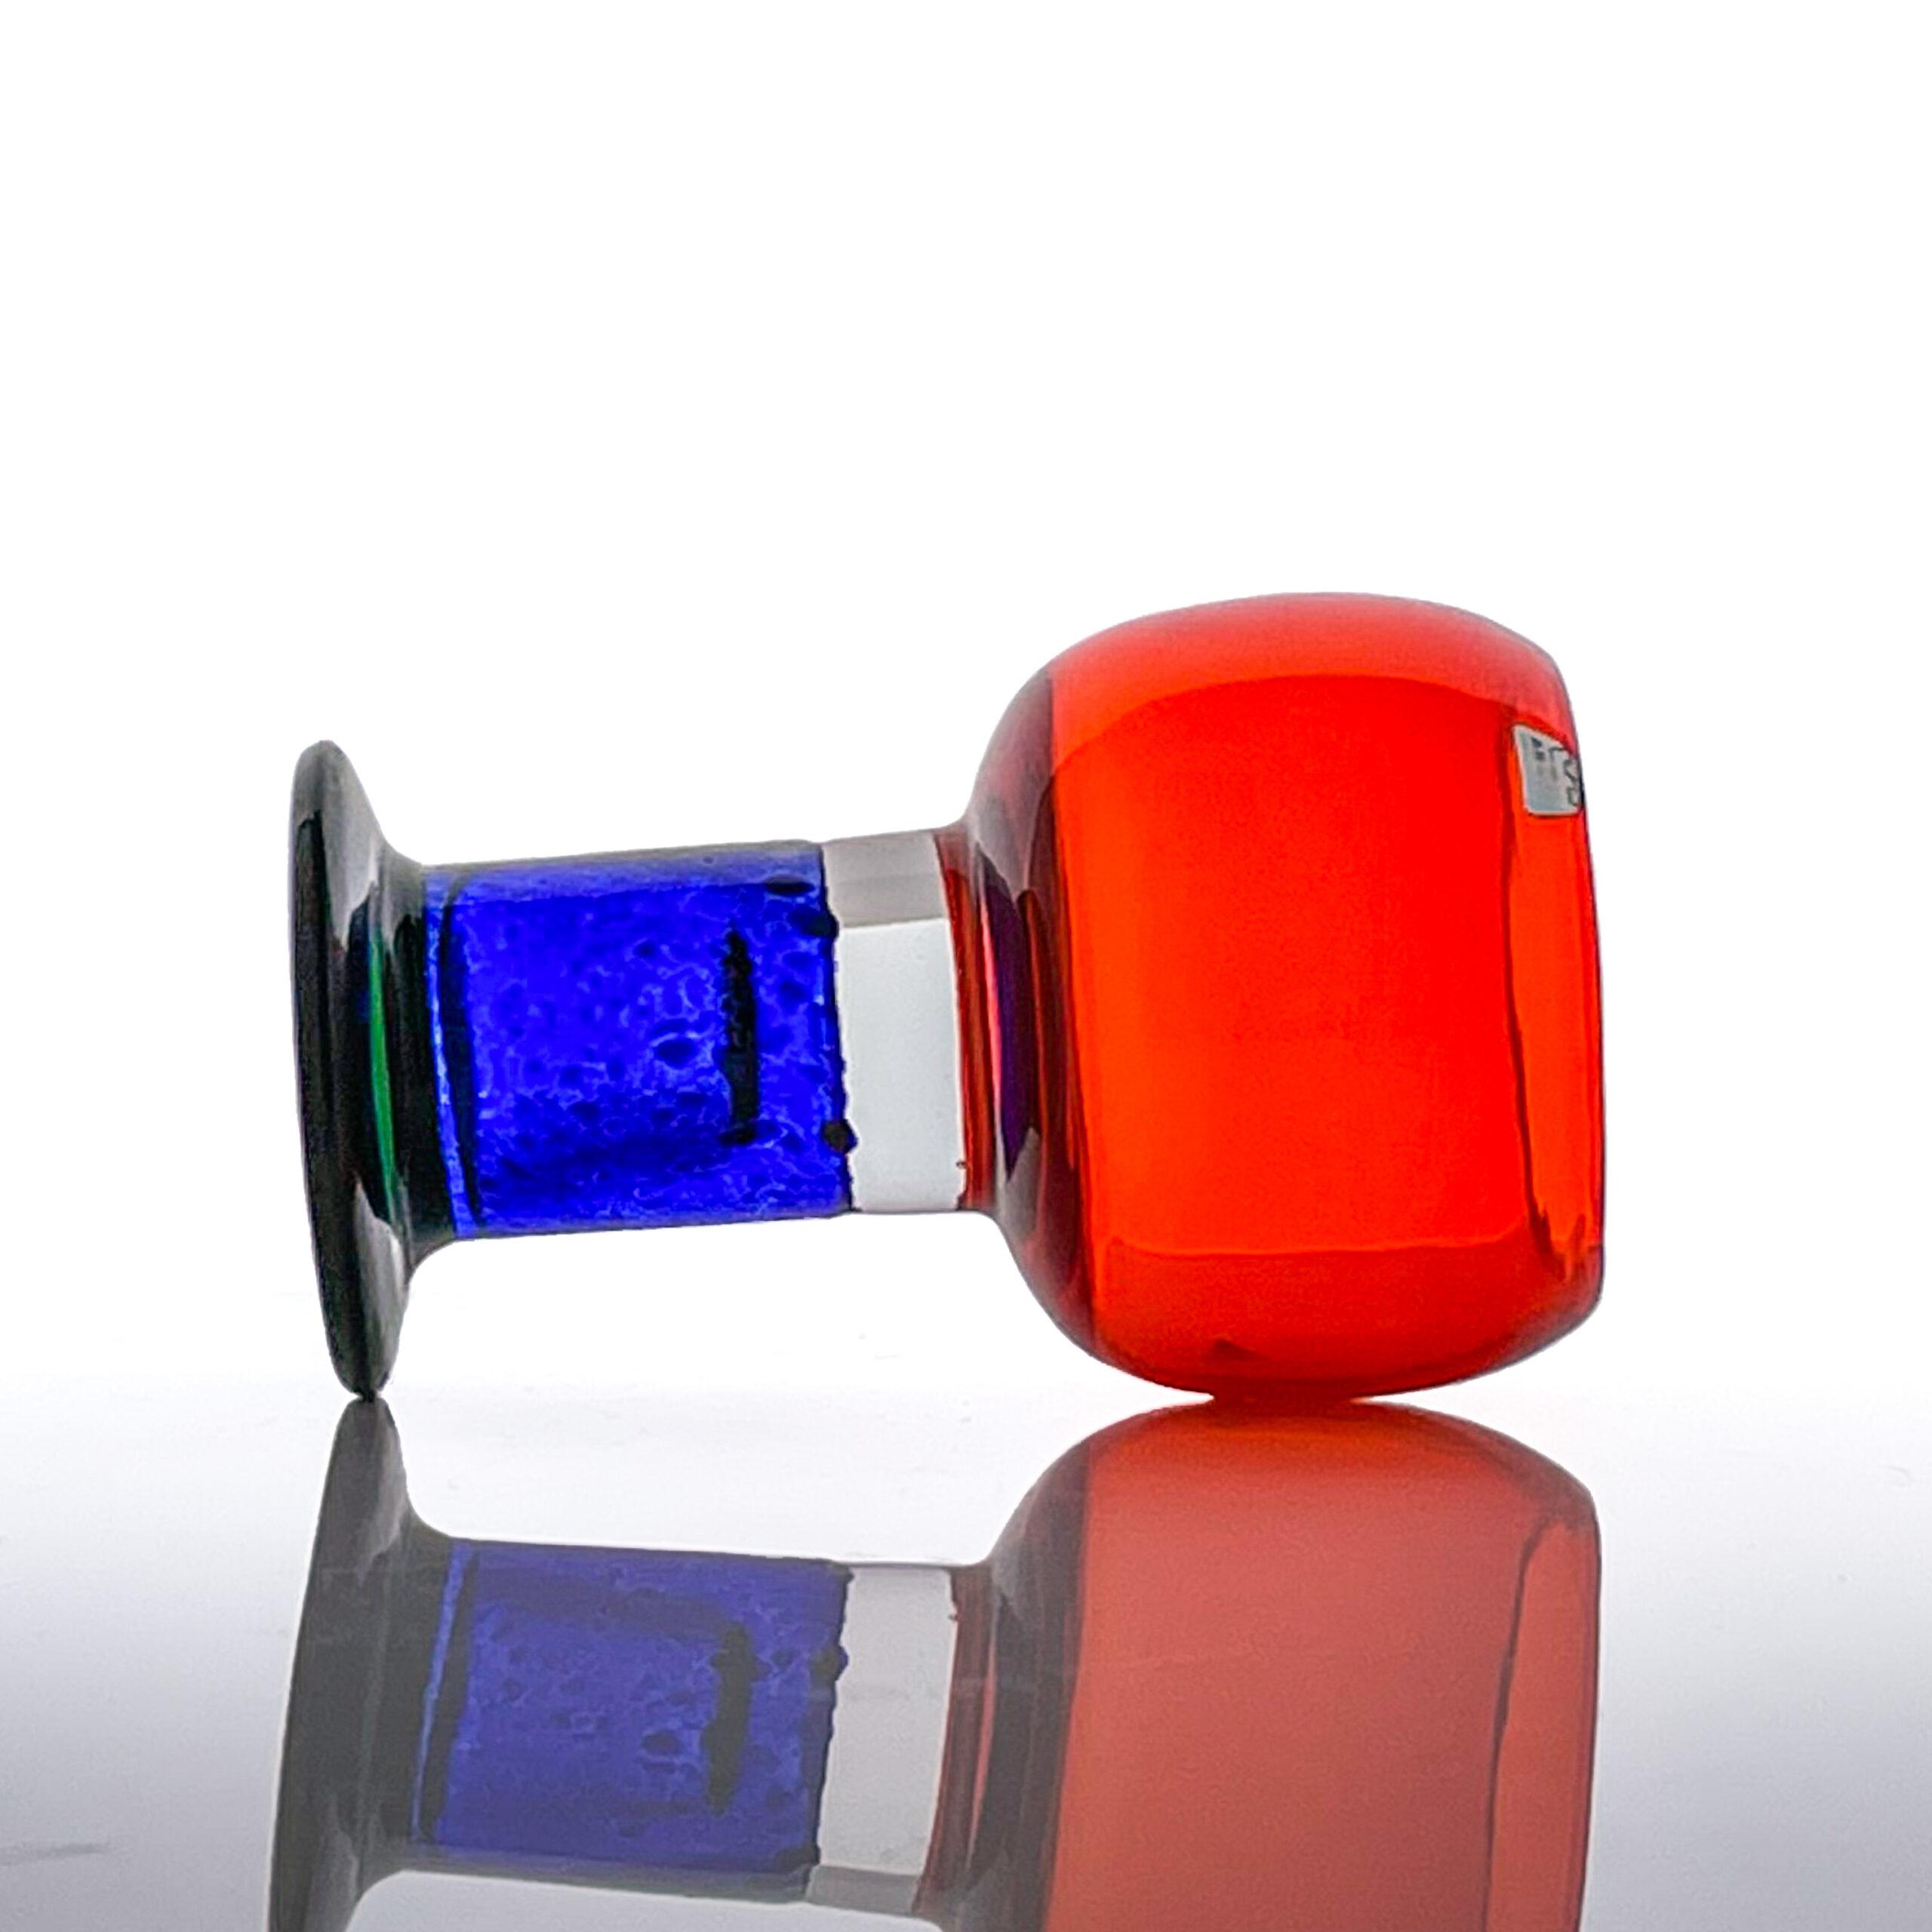 KF Pokali oranje web-5